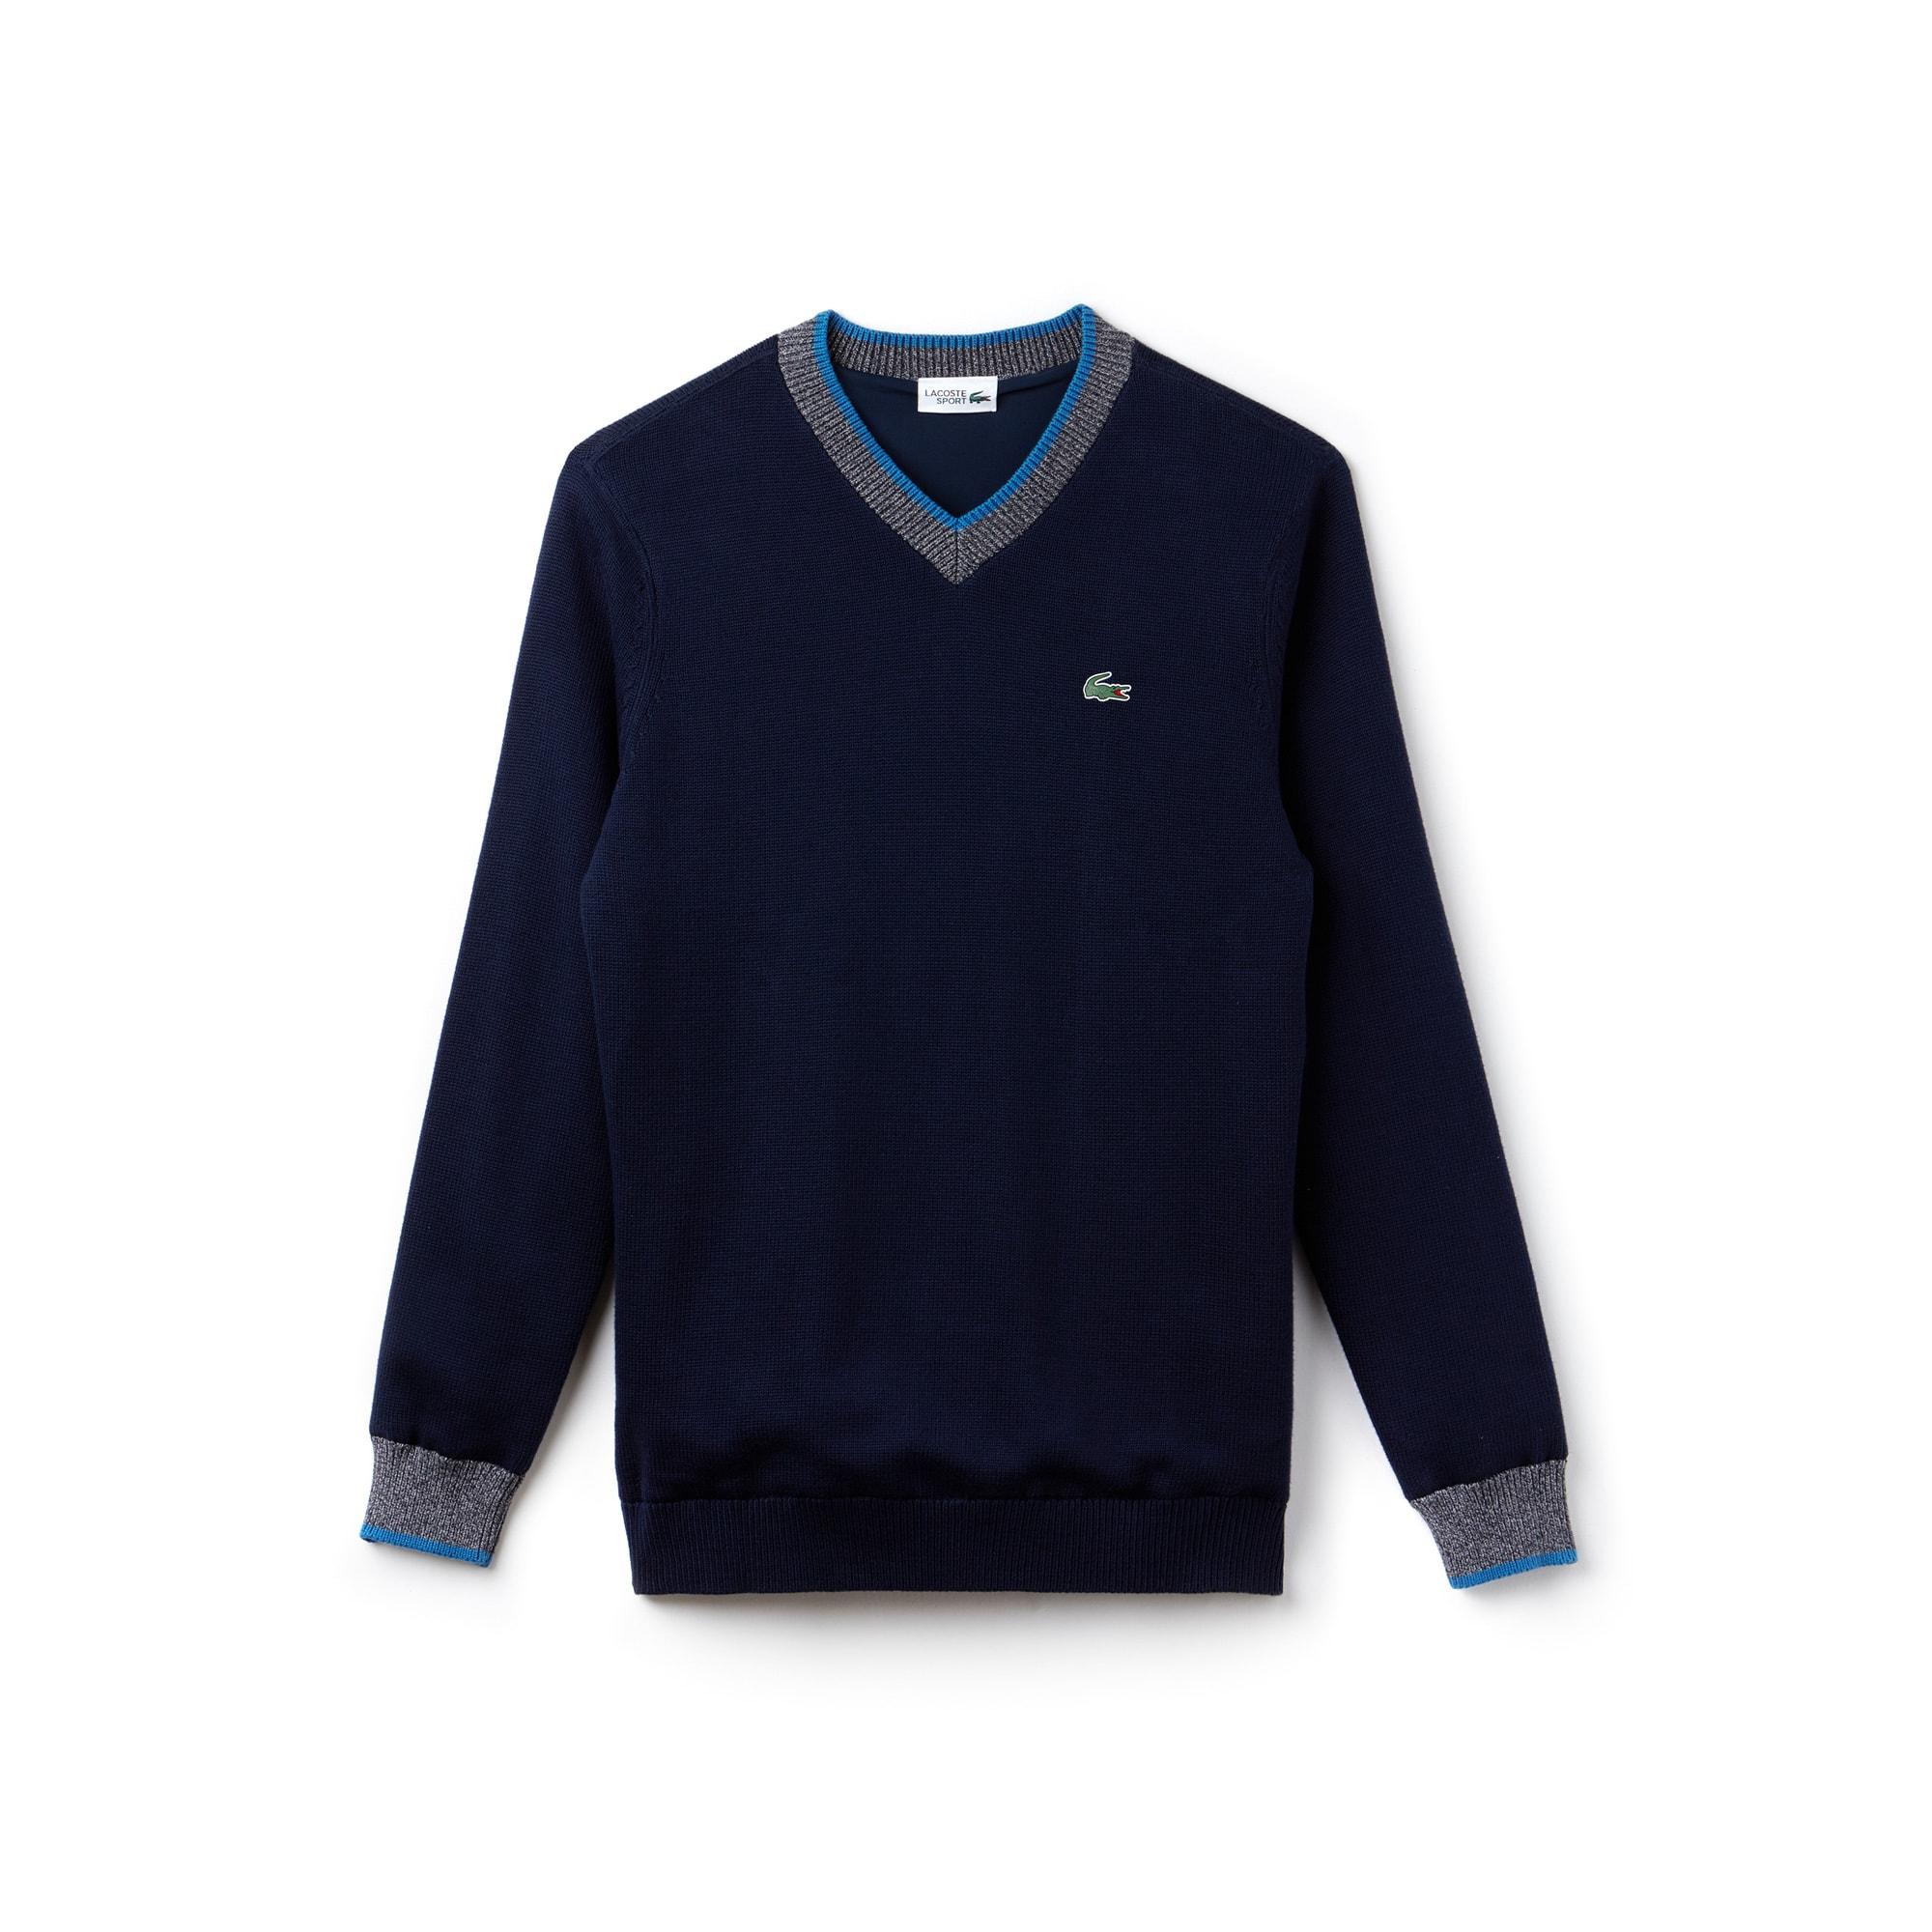 Pullover con collo a V Golf Lacoste SPORT in maglia tecnica di cotone tinta unita